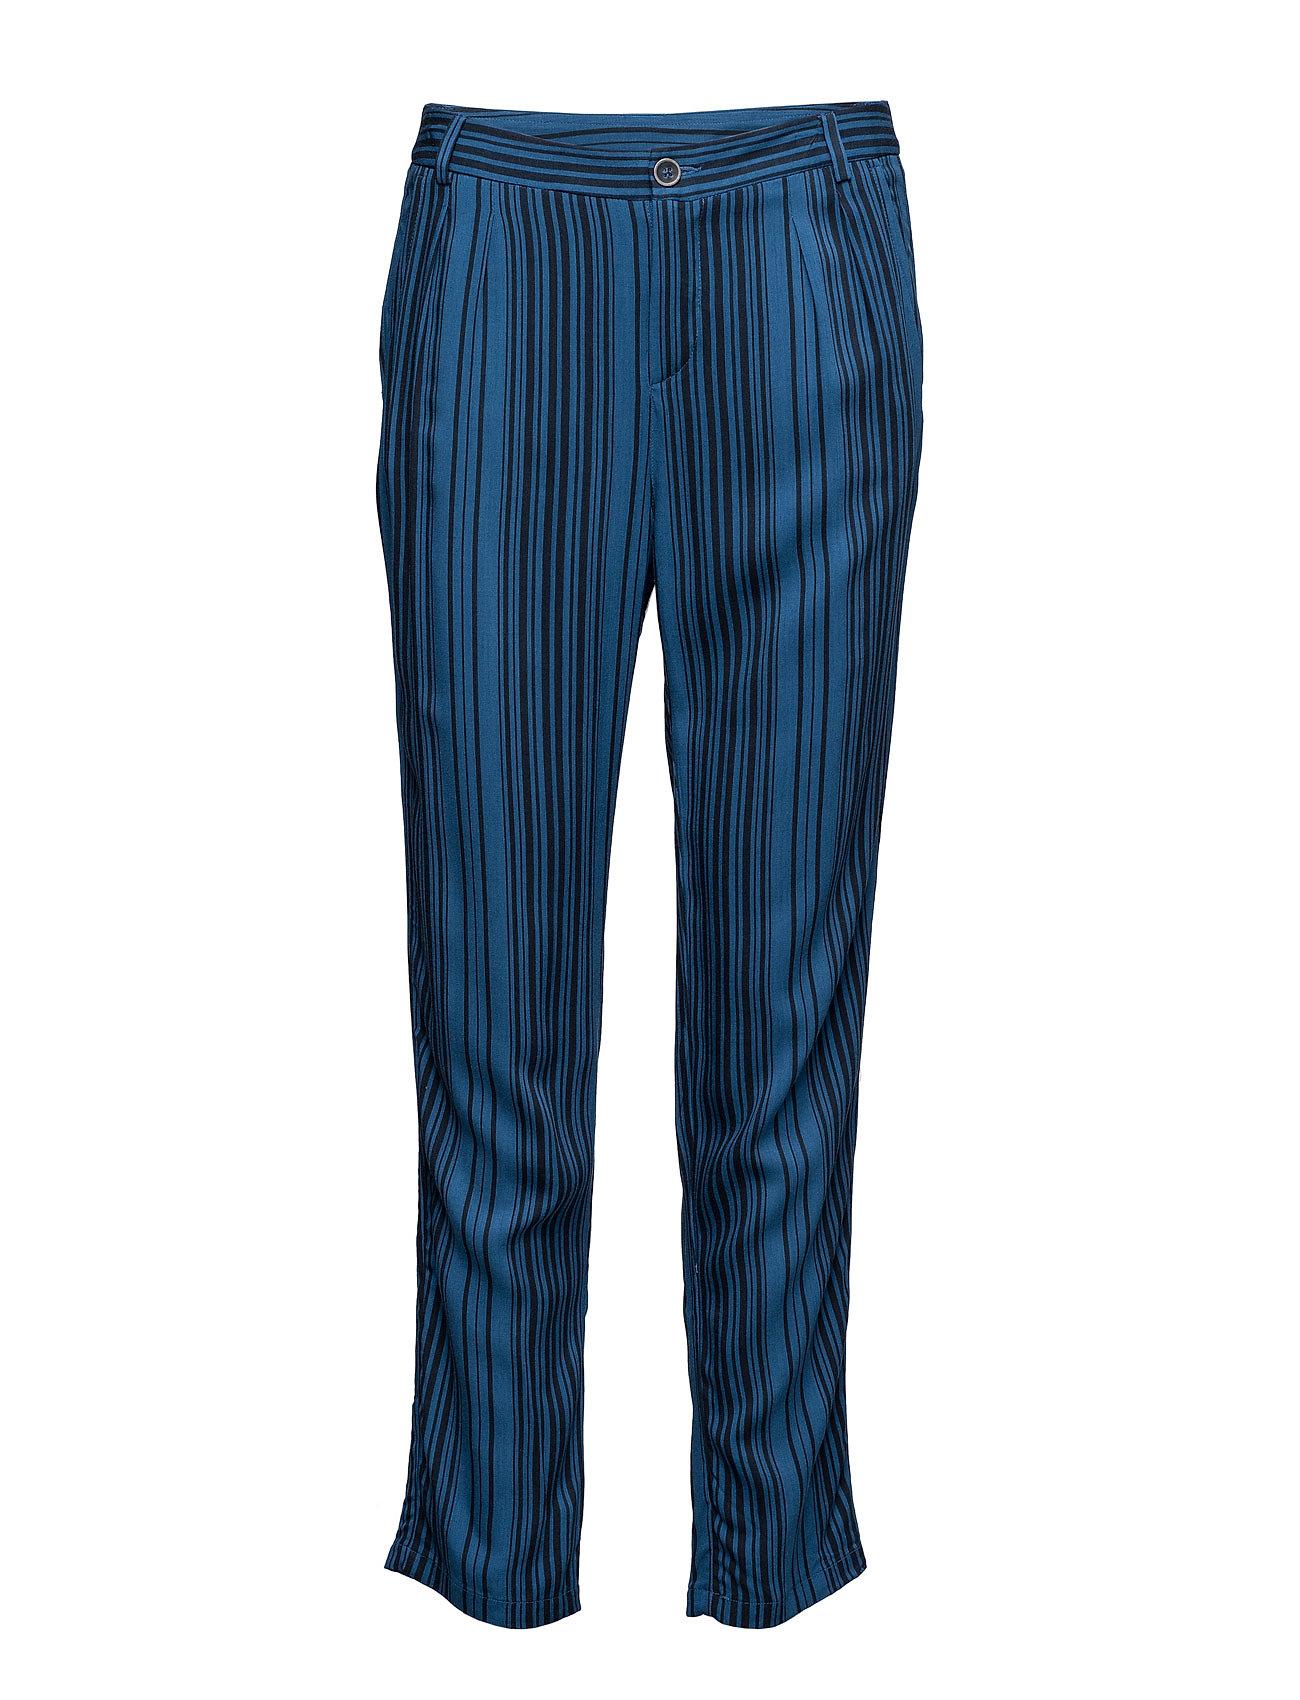 Trousers United Colors of Benetton Bukser til Kvinder i